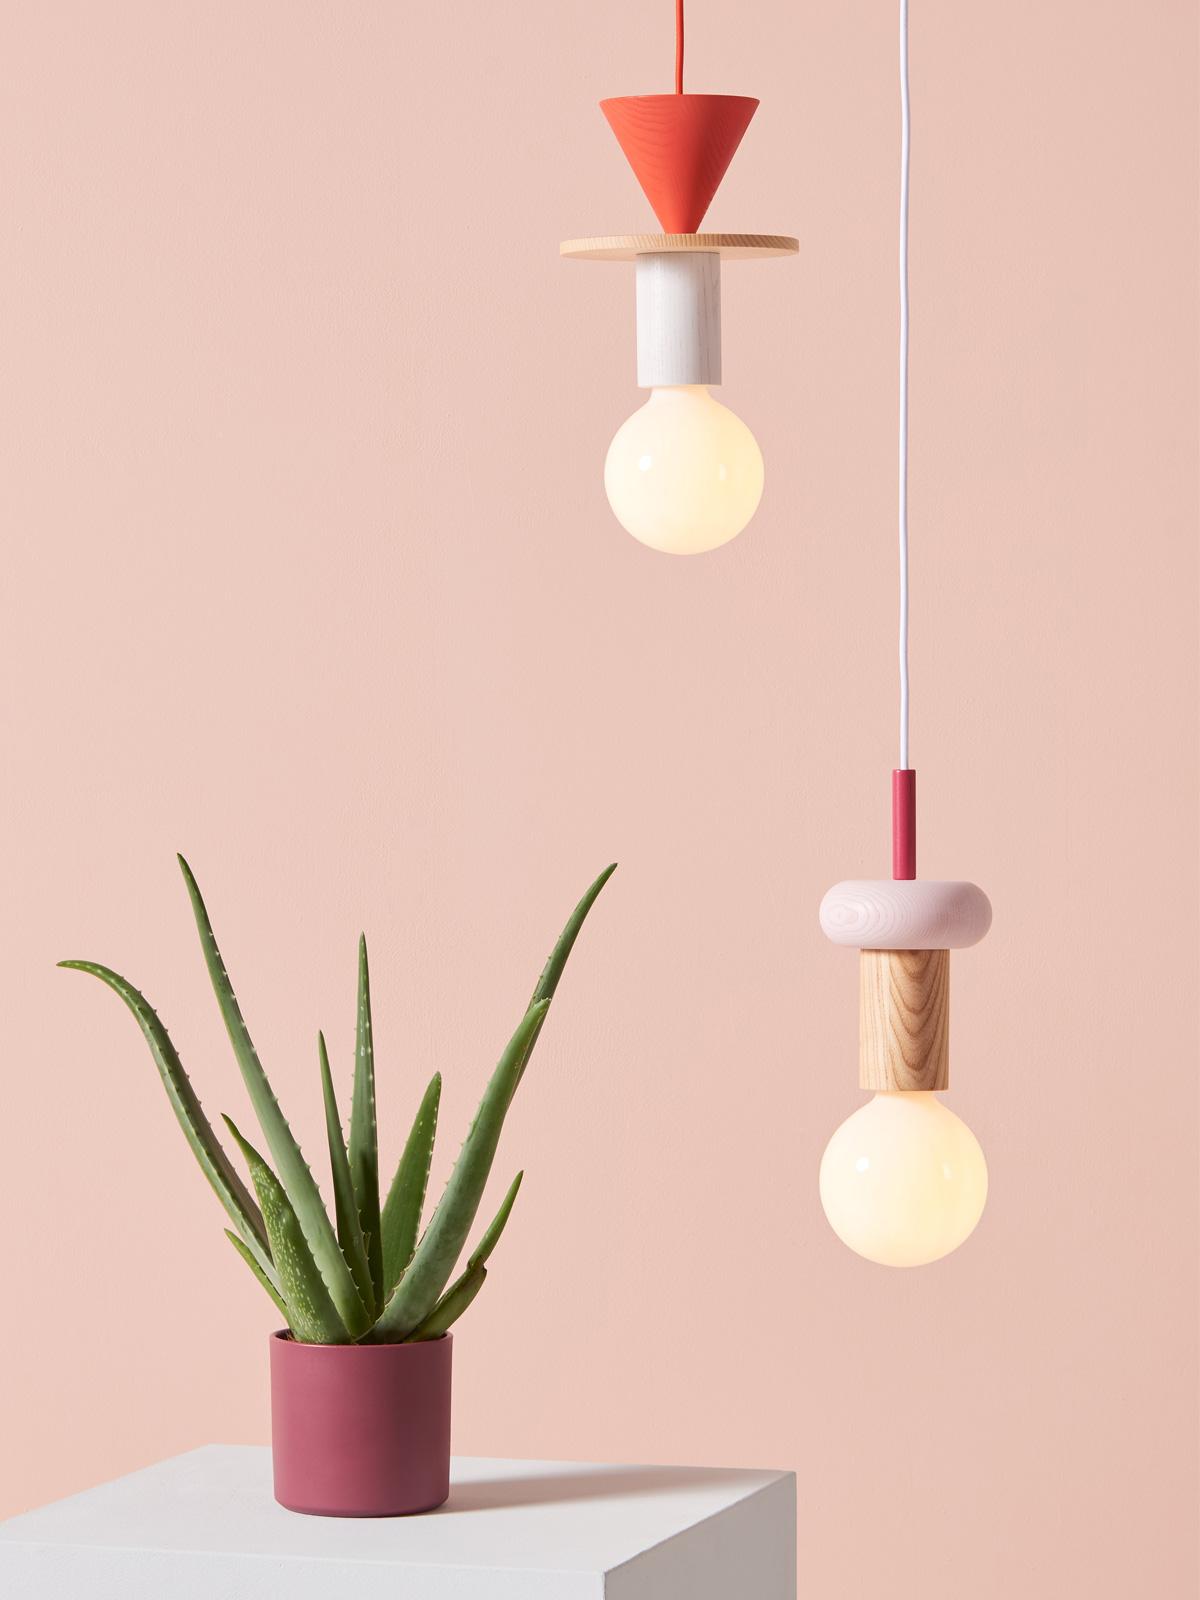 DesignOrt Blog: Was ist eine Systemleuchte? Schneid Junit Pendants nachhaltig Ecodesign